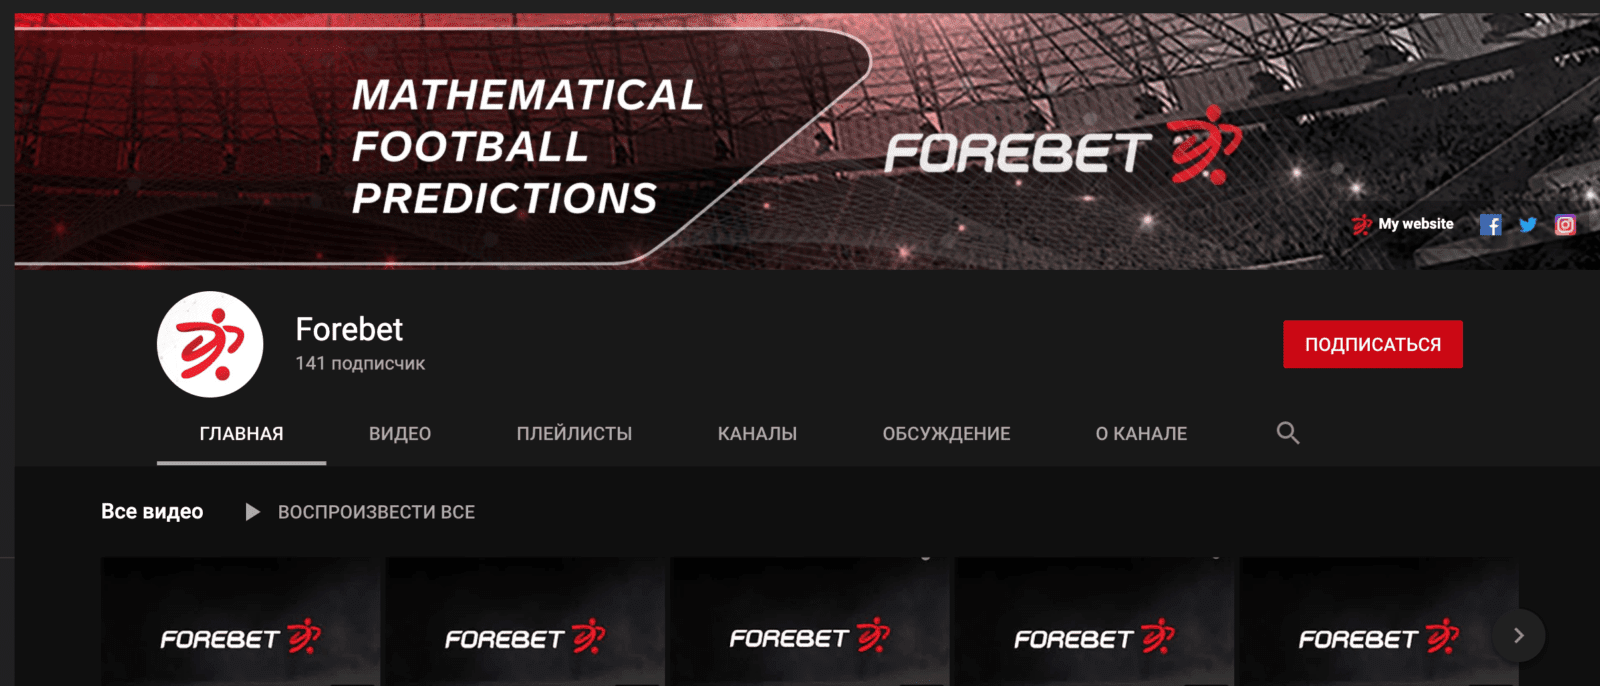 Ютуб канал Forebet.com (Форебет)